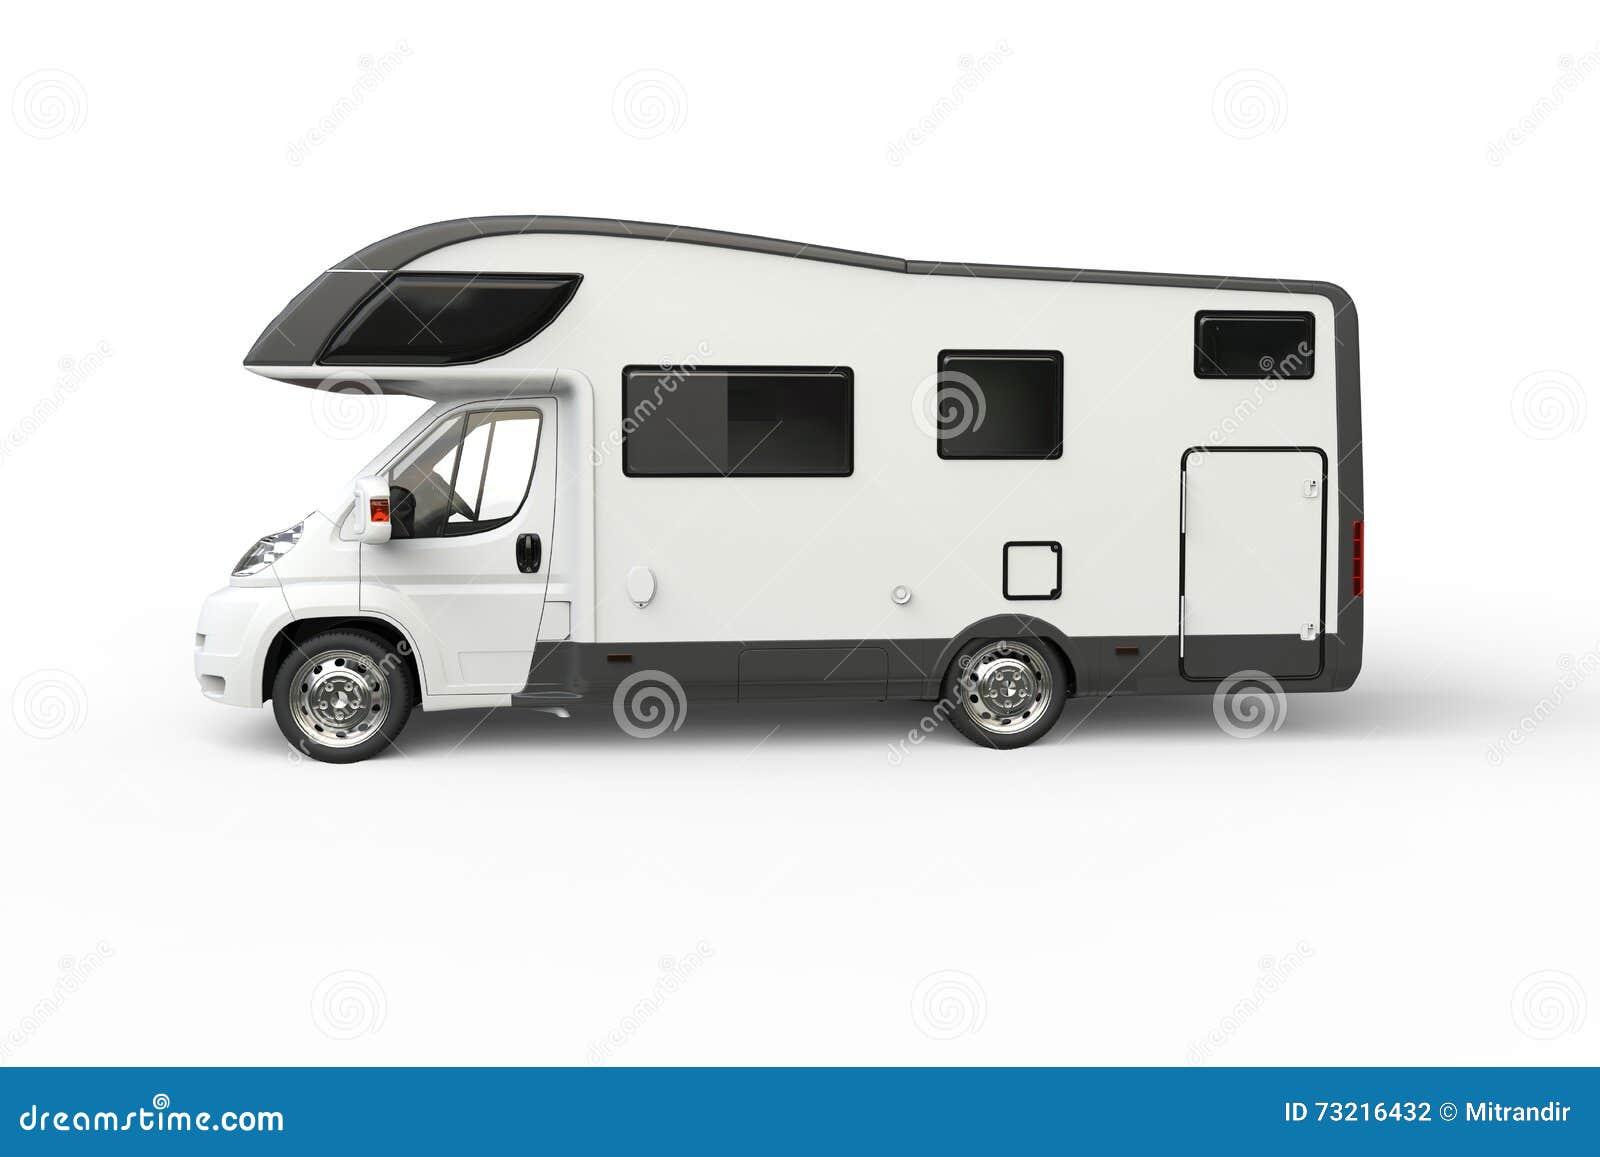 Big White Camper Van